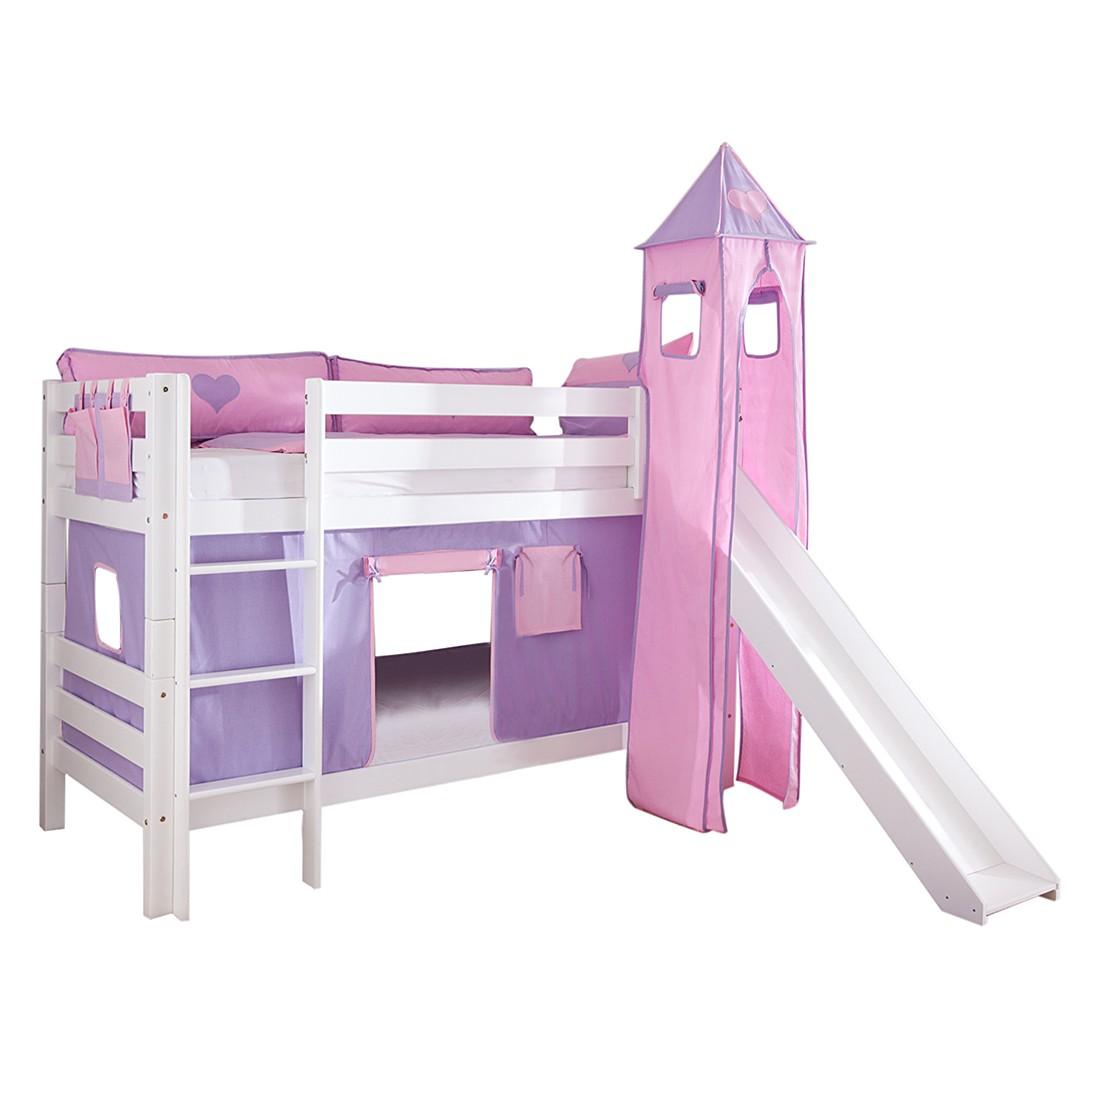 Spielbett Beni - mit Rutsche, Vorhang, Turm und Tasche - Buche massiv weiß lackiert/Textil purple-rosa-herz, Relita